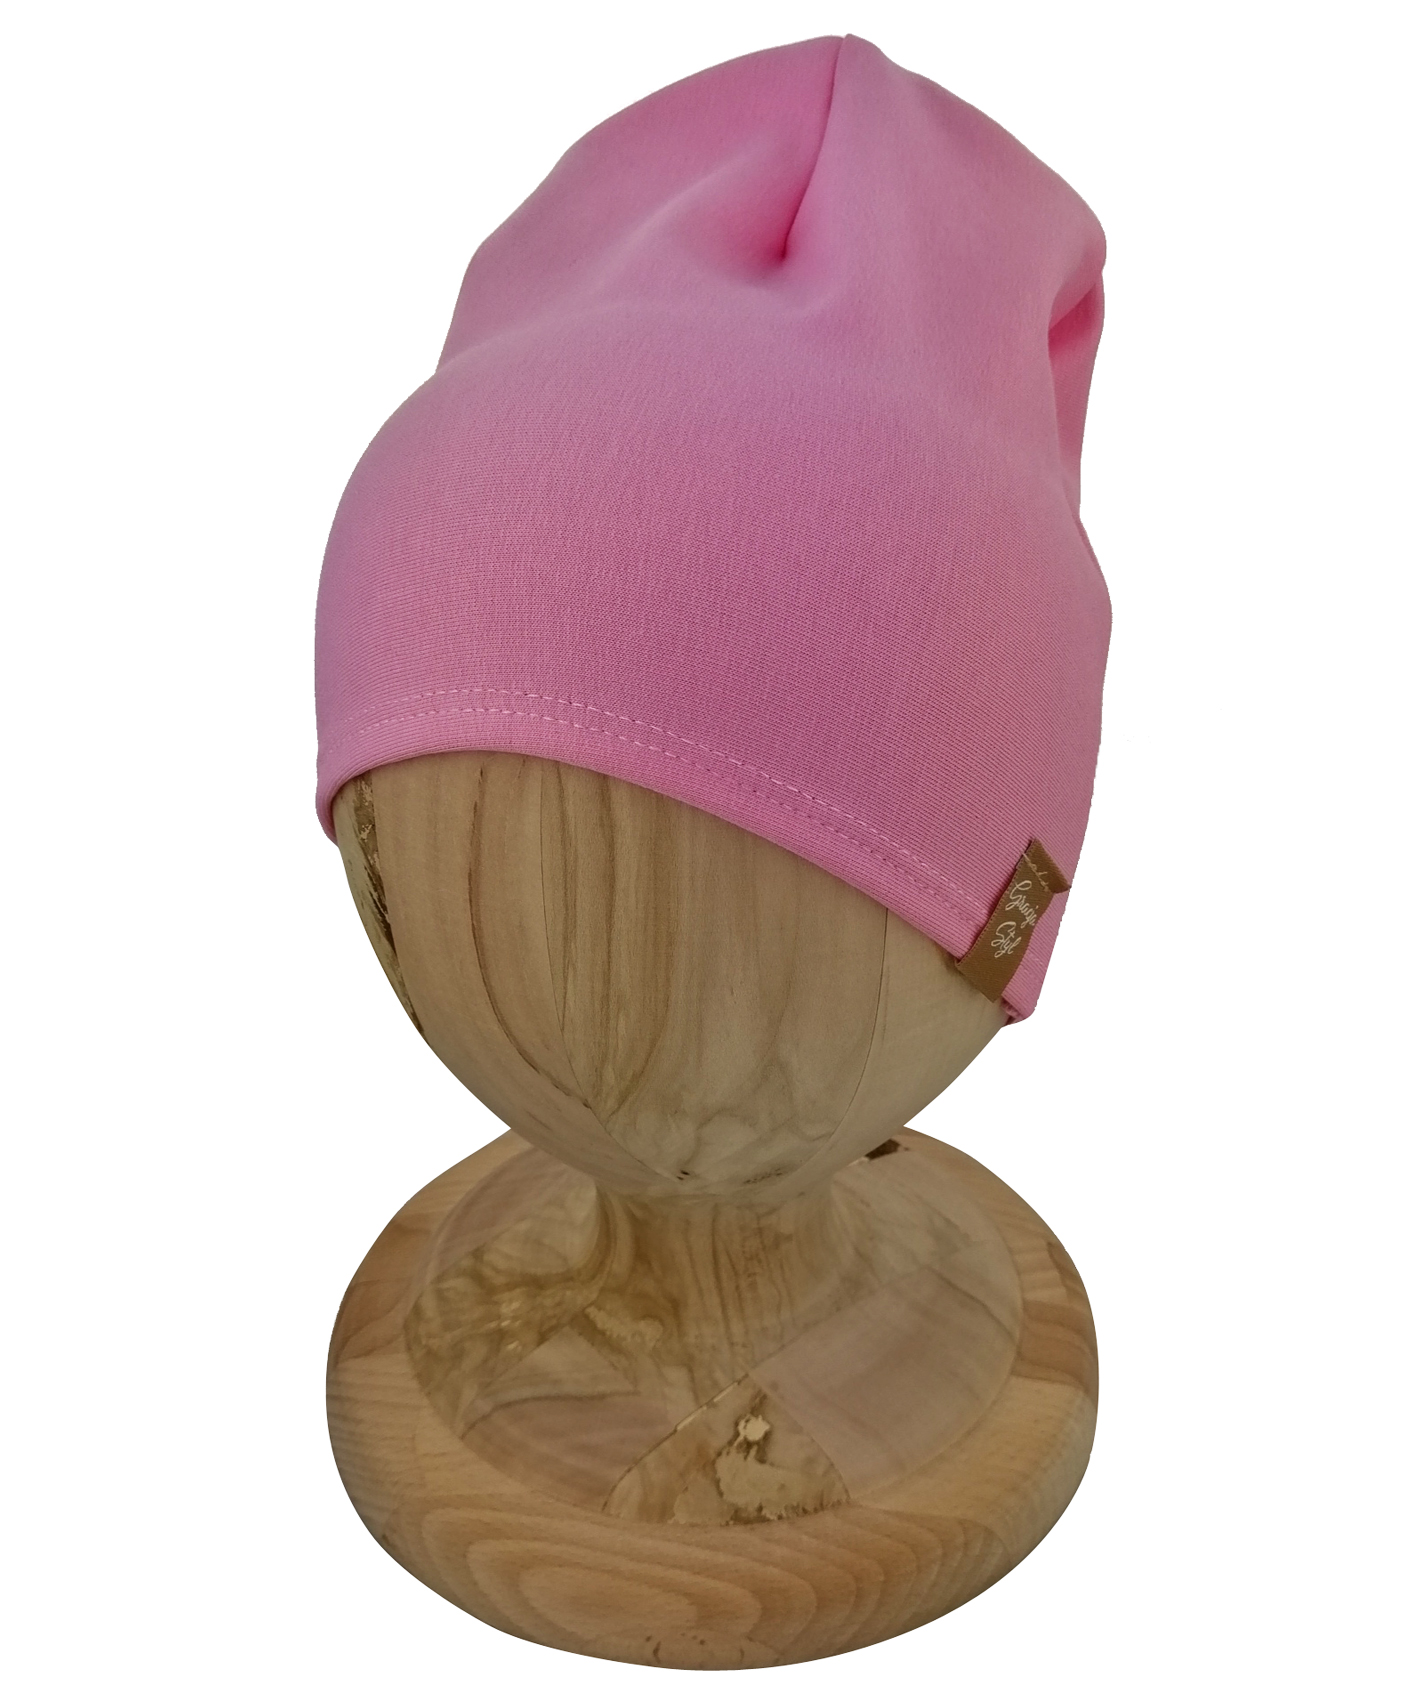 Czapka typu smerfetka, uszyta z bawełny petelkowej. Kolor różowy